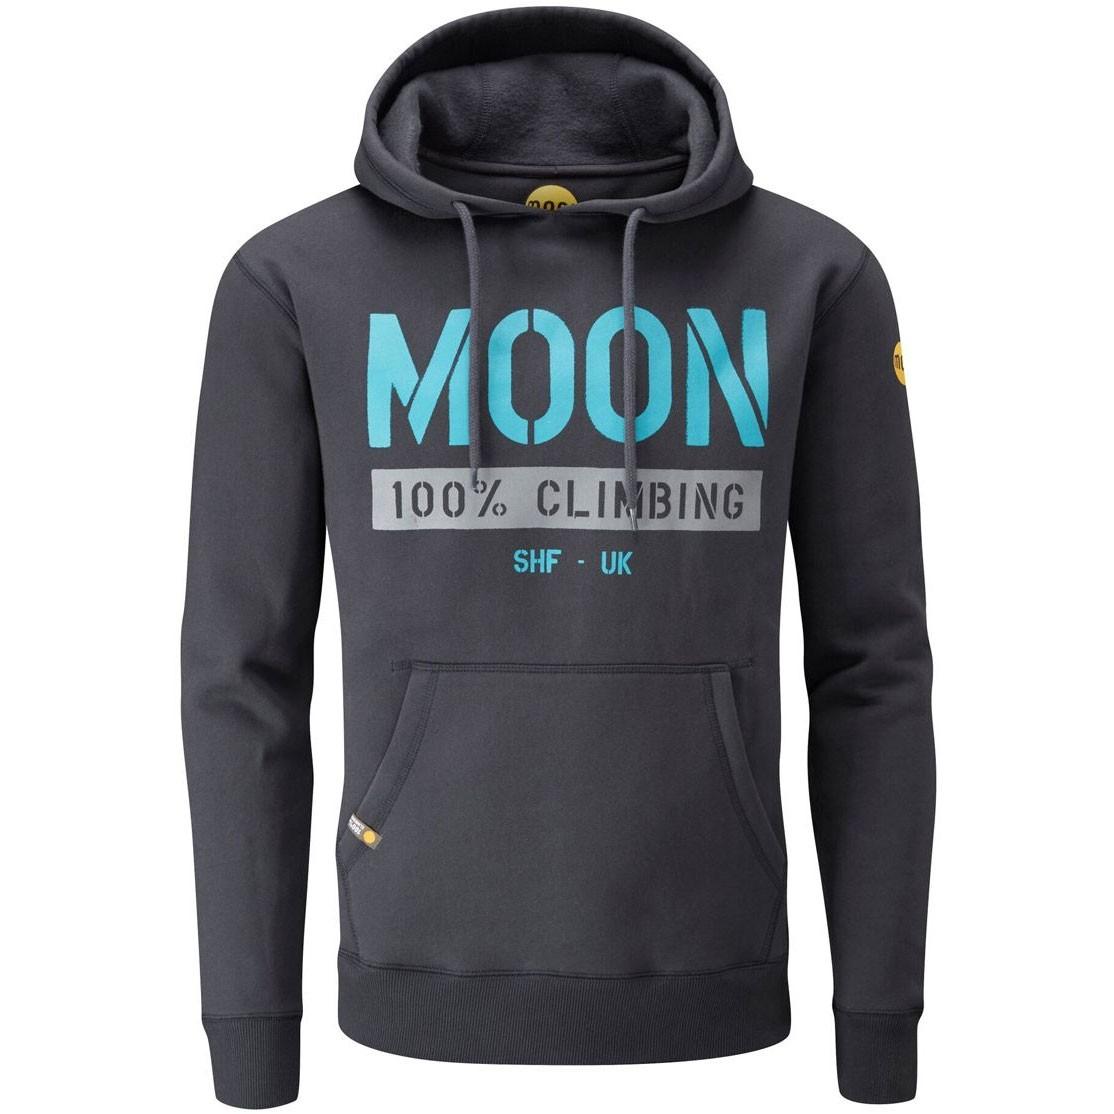 Moon One Five Nine Hoody - Men's - Ebony